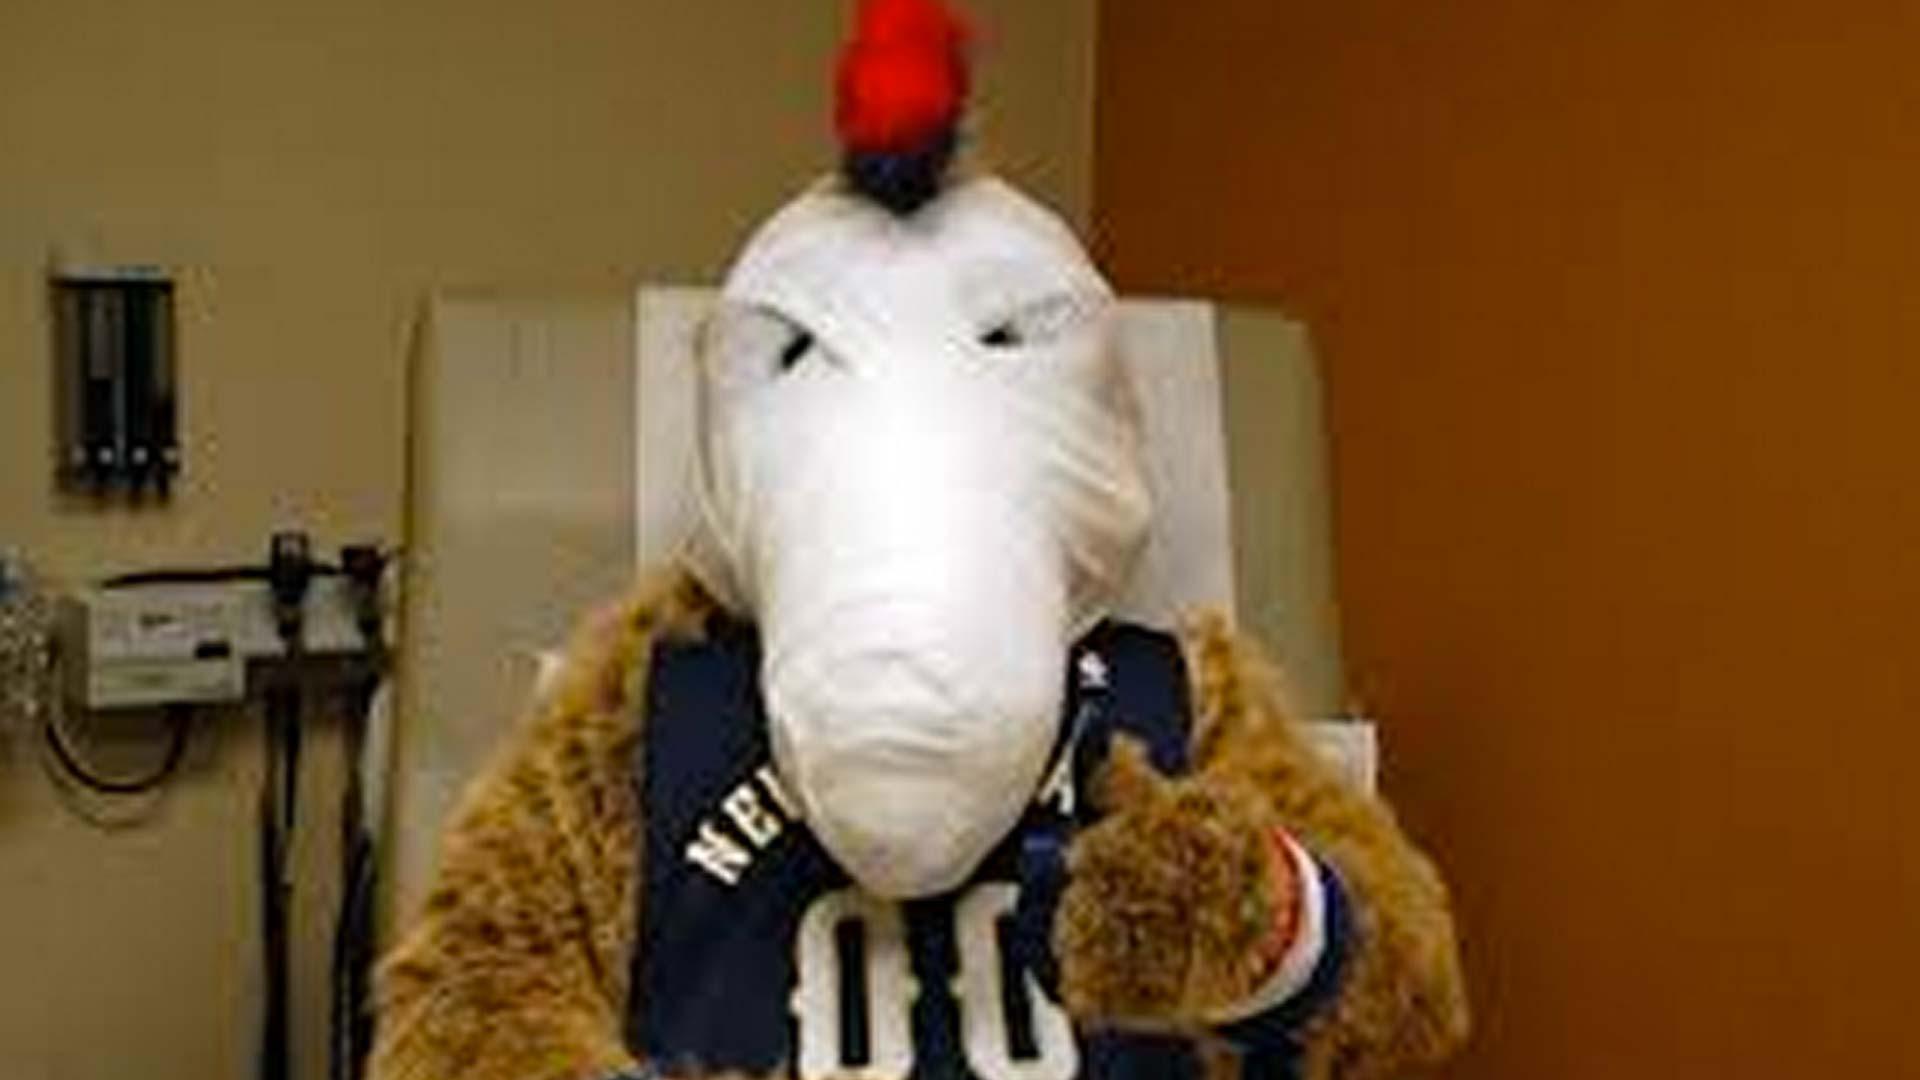 Pierre-pelican-mascot-021214-twitter-ftr